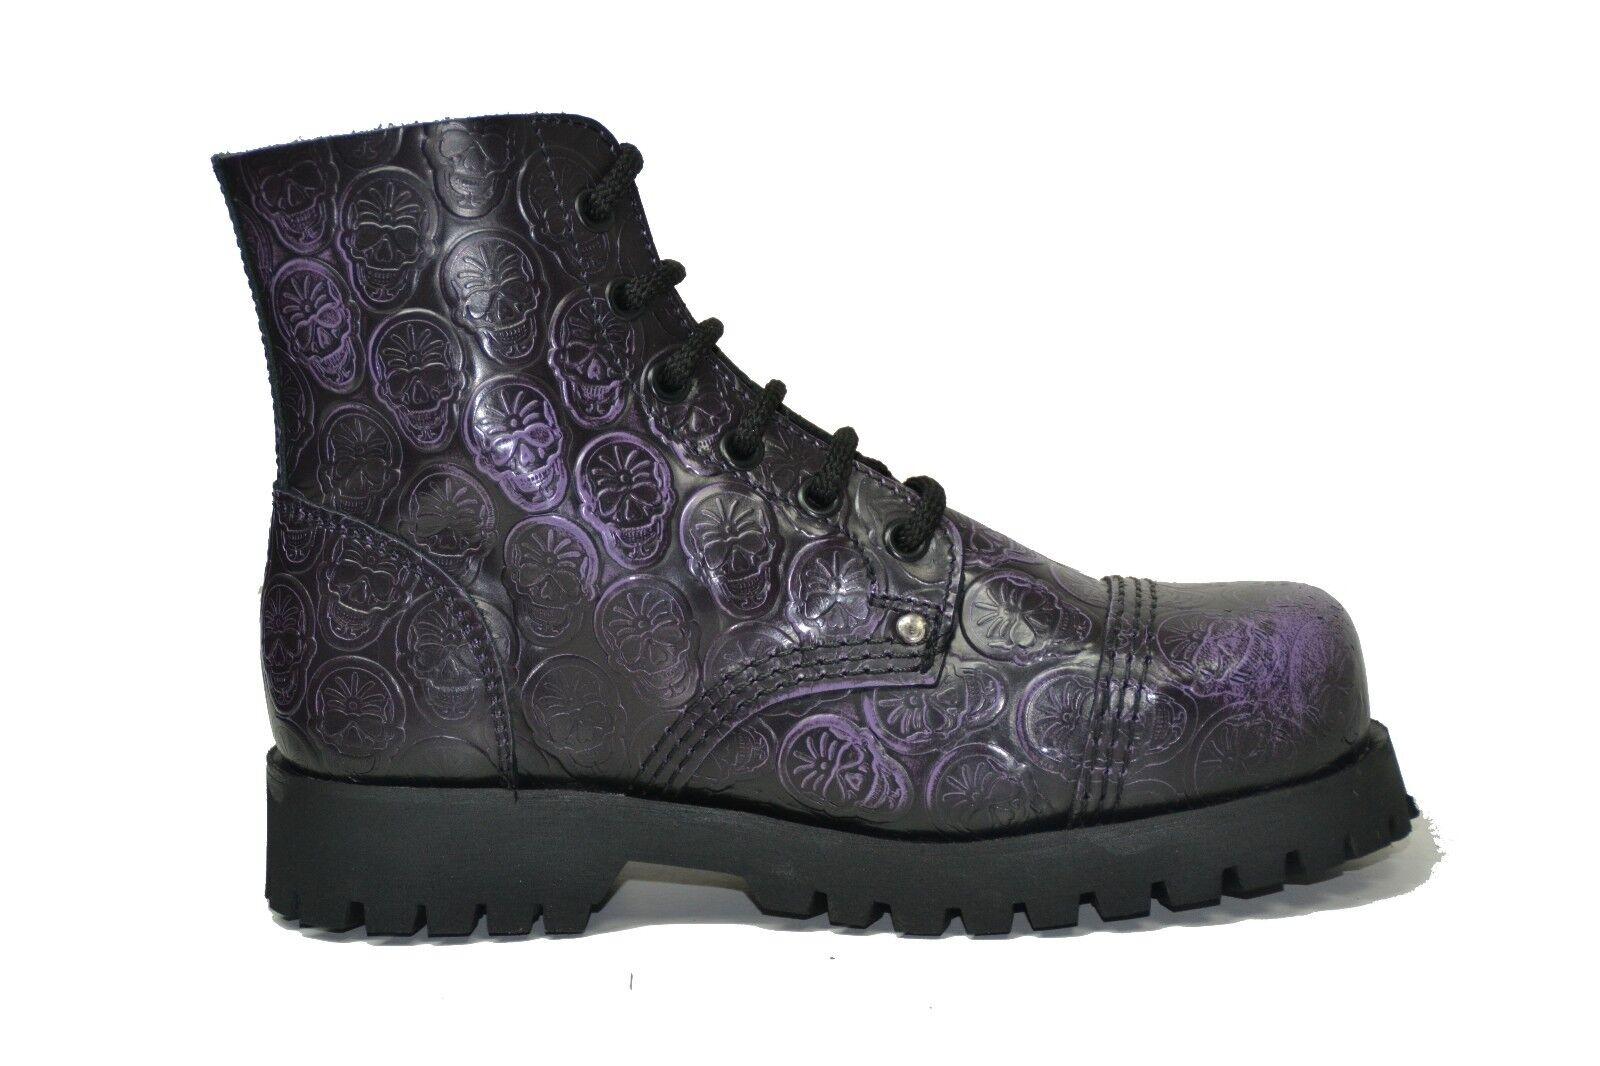 Botas de combate señoras de tierra de acero negro de cuero púrpura 6 ojos cráneos Tapa De Seguridad